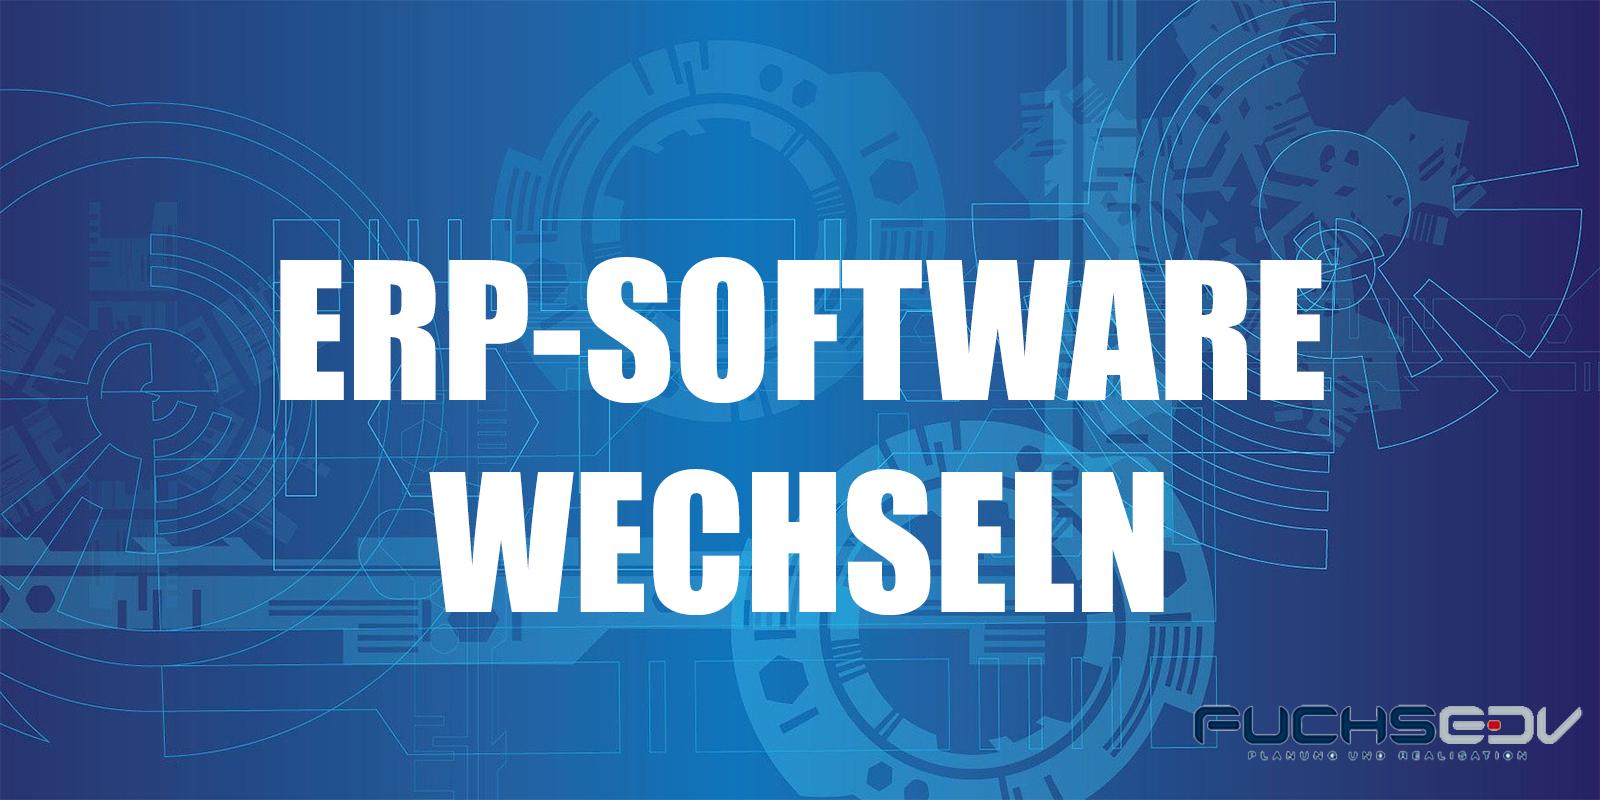 ERP-Software - 5 Tipps, um eine neue ERP-Lösung zu finden 7